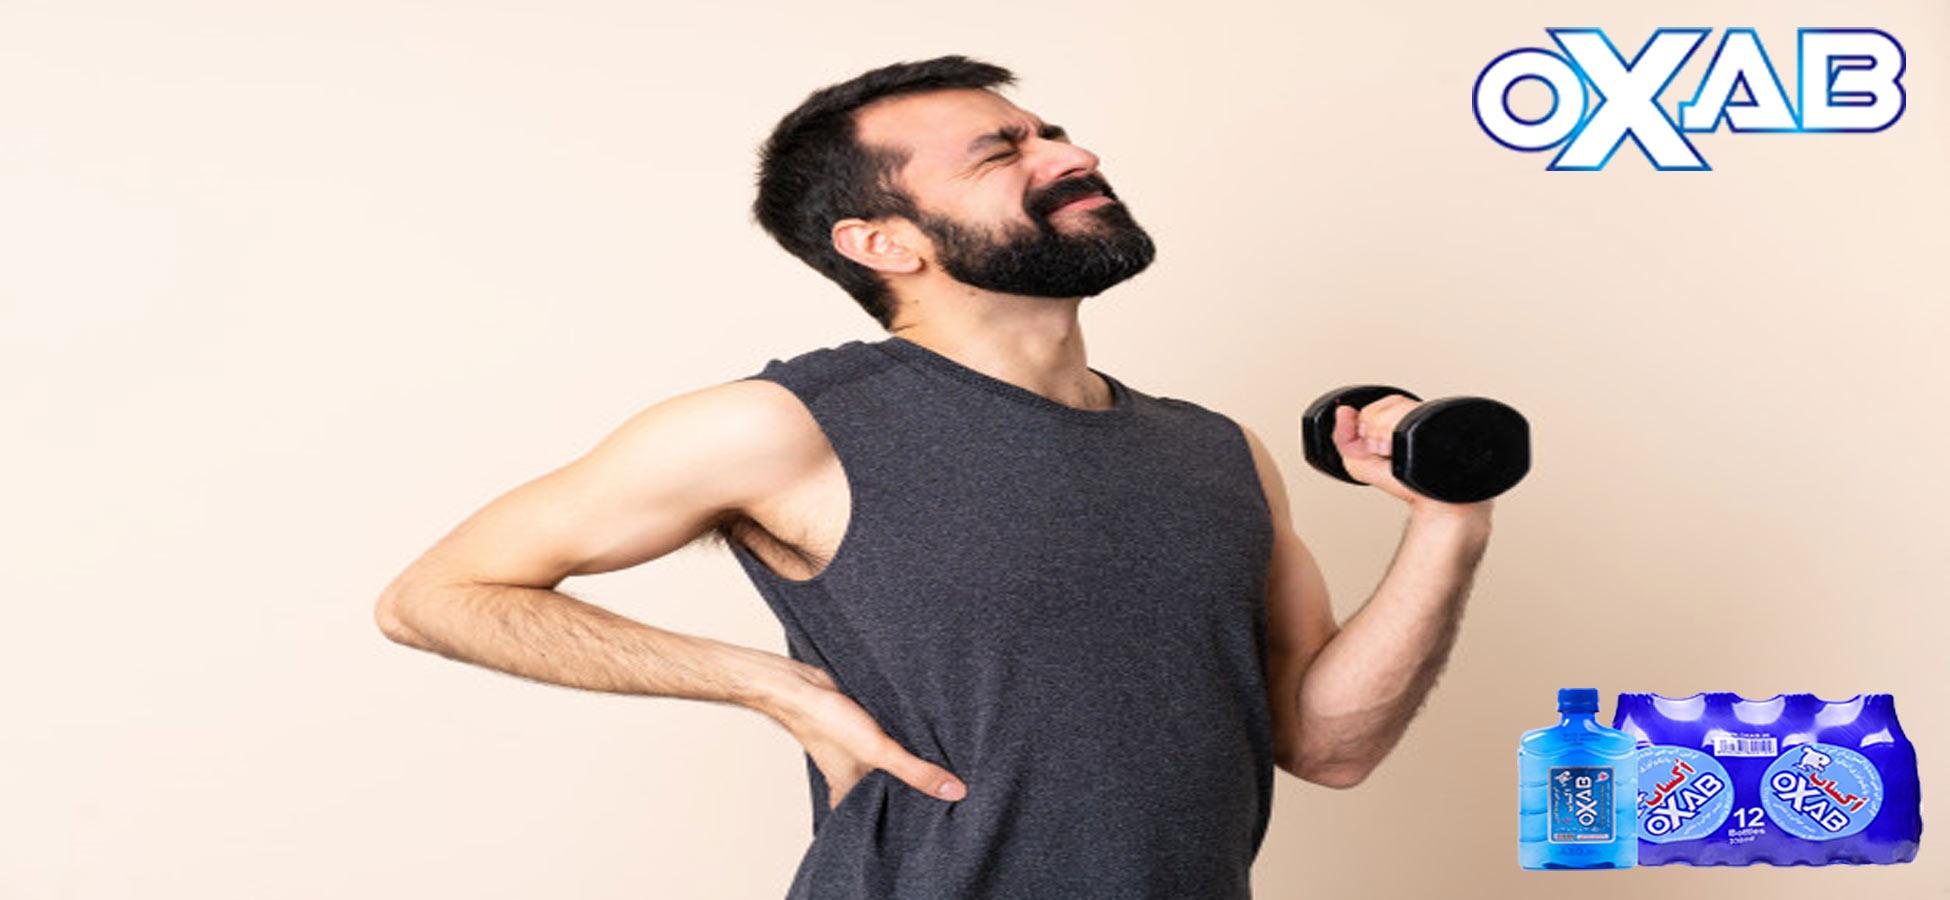 ارتباط آب غنی شده از اکسیژن با کاهش دردهای عضلانی در ورزشکاران